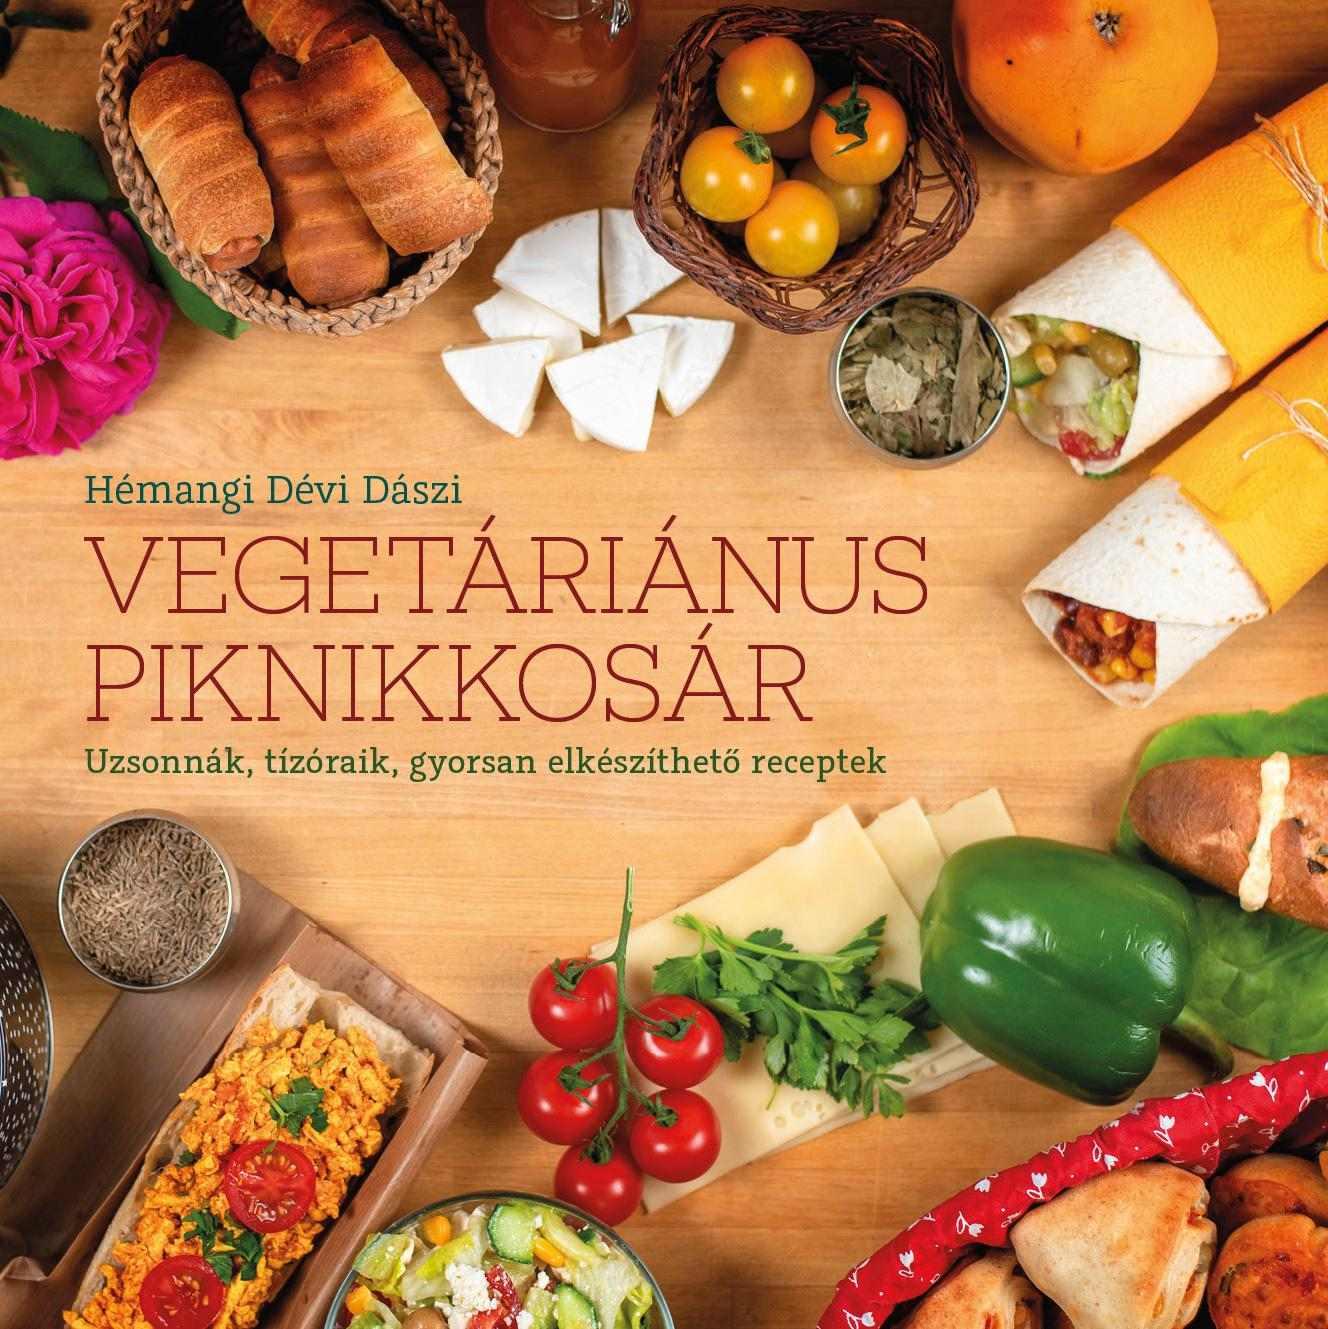 Vegetáriánus piknikkosár